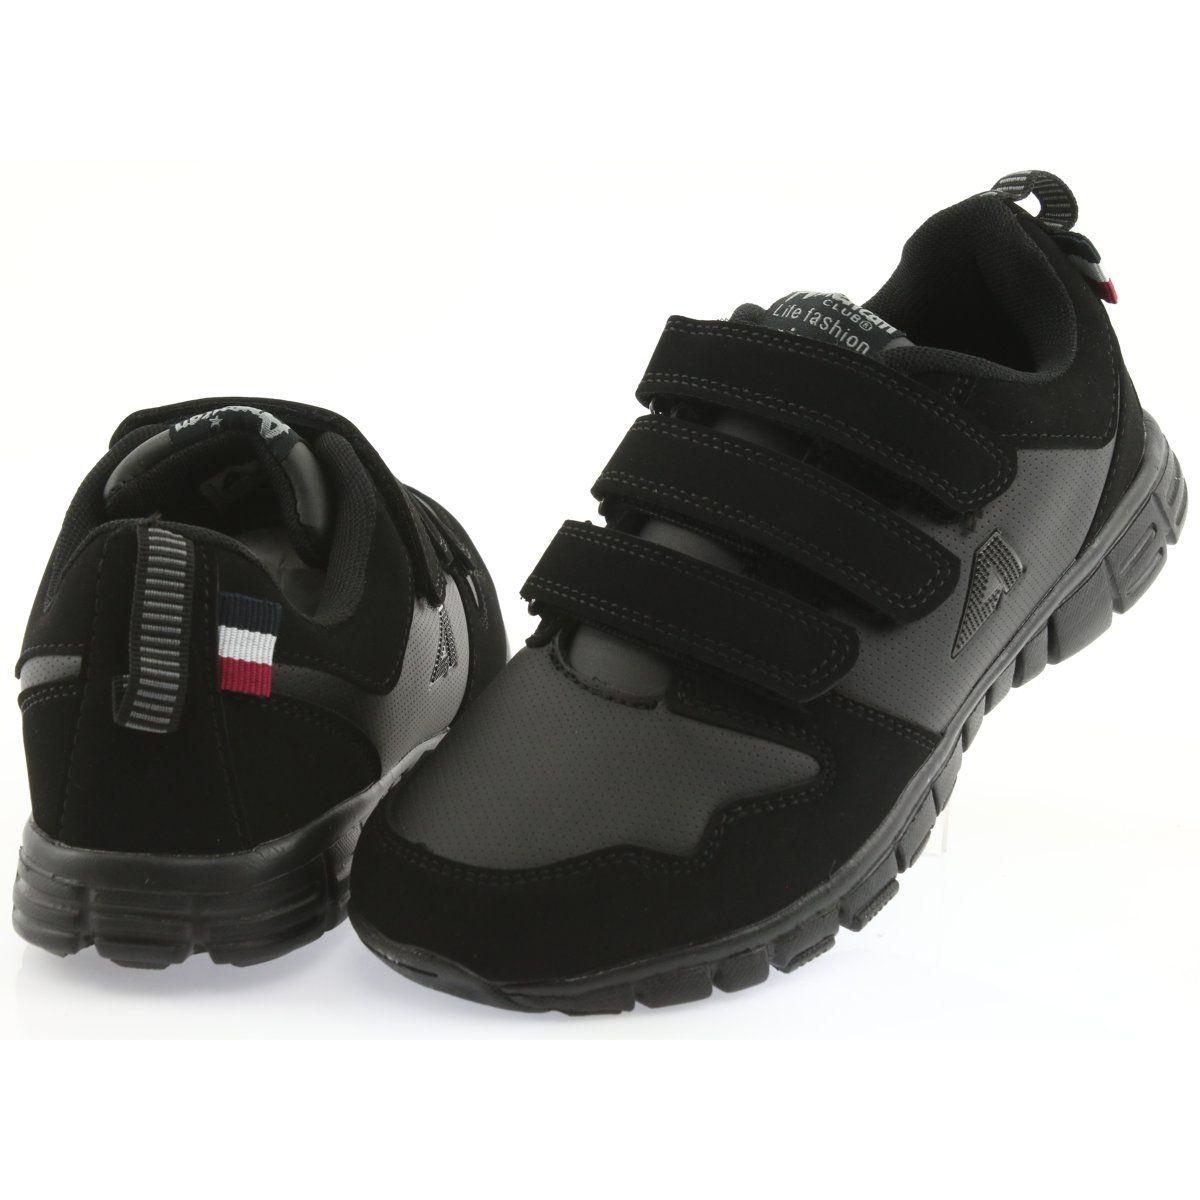 Sportowe Damskie Americanclub Buty Sportowe Na Rzepy American Club Fh16 Czarne Baby Shoes Shoes Fashion